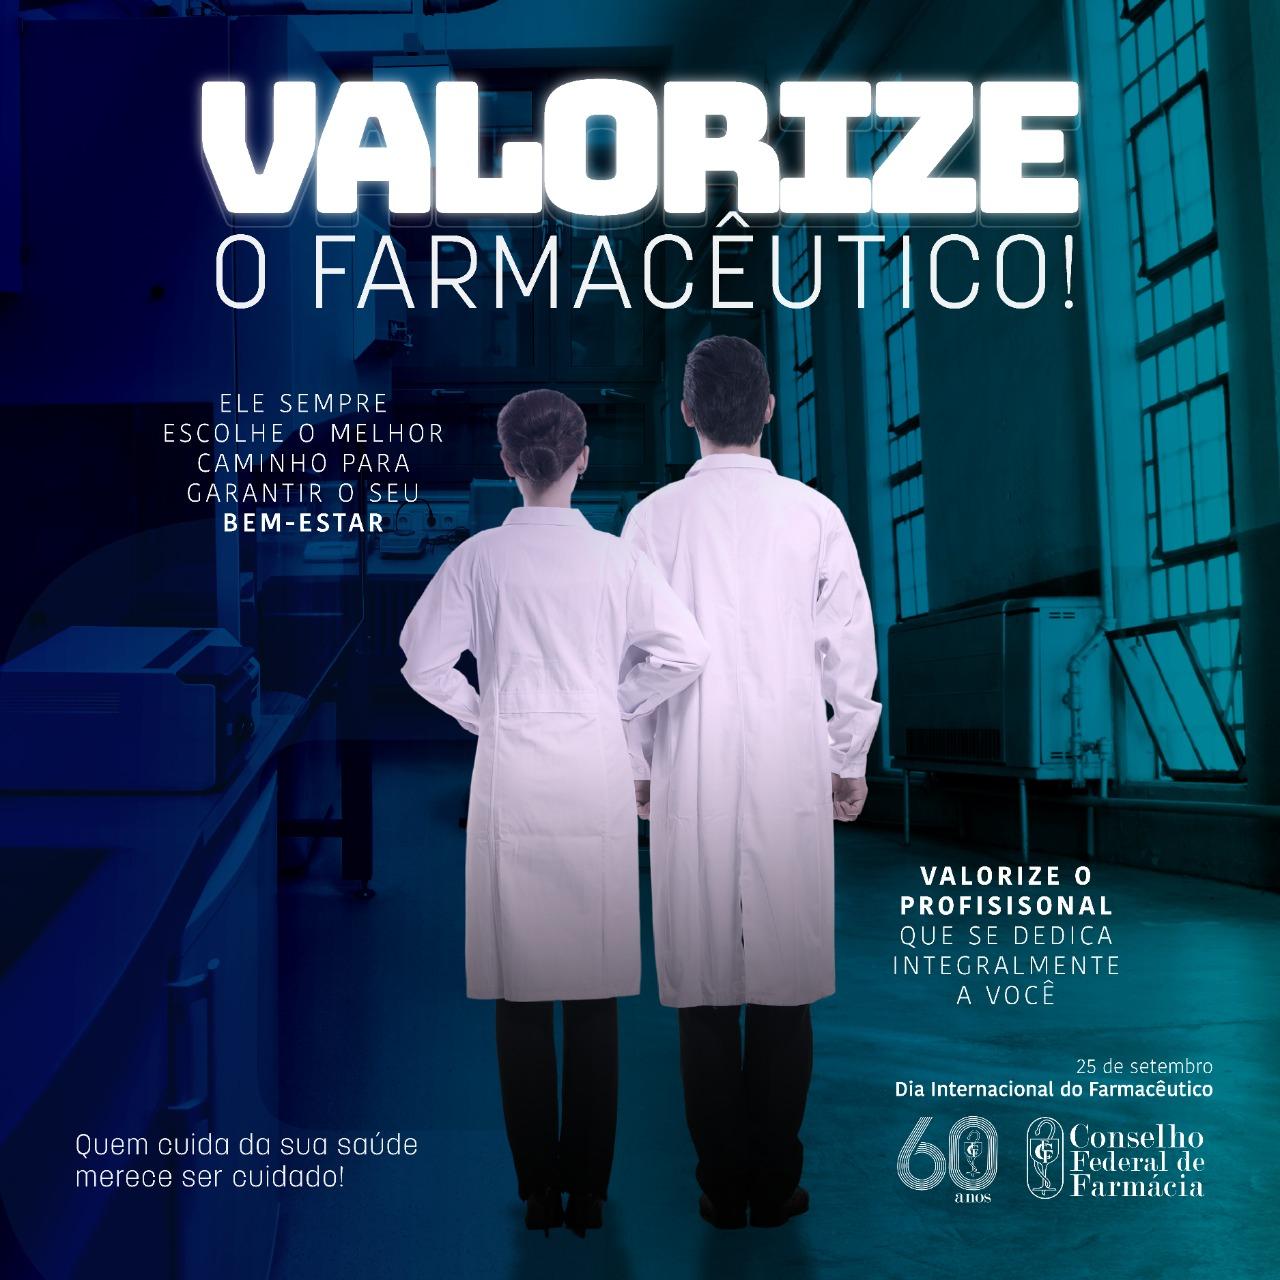 farmacêutico-cff-campanha